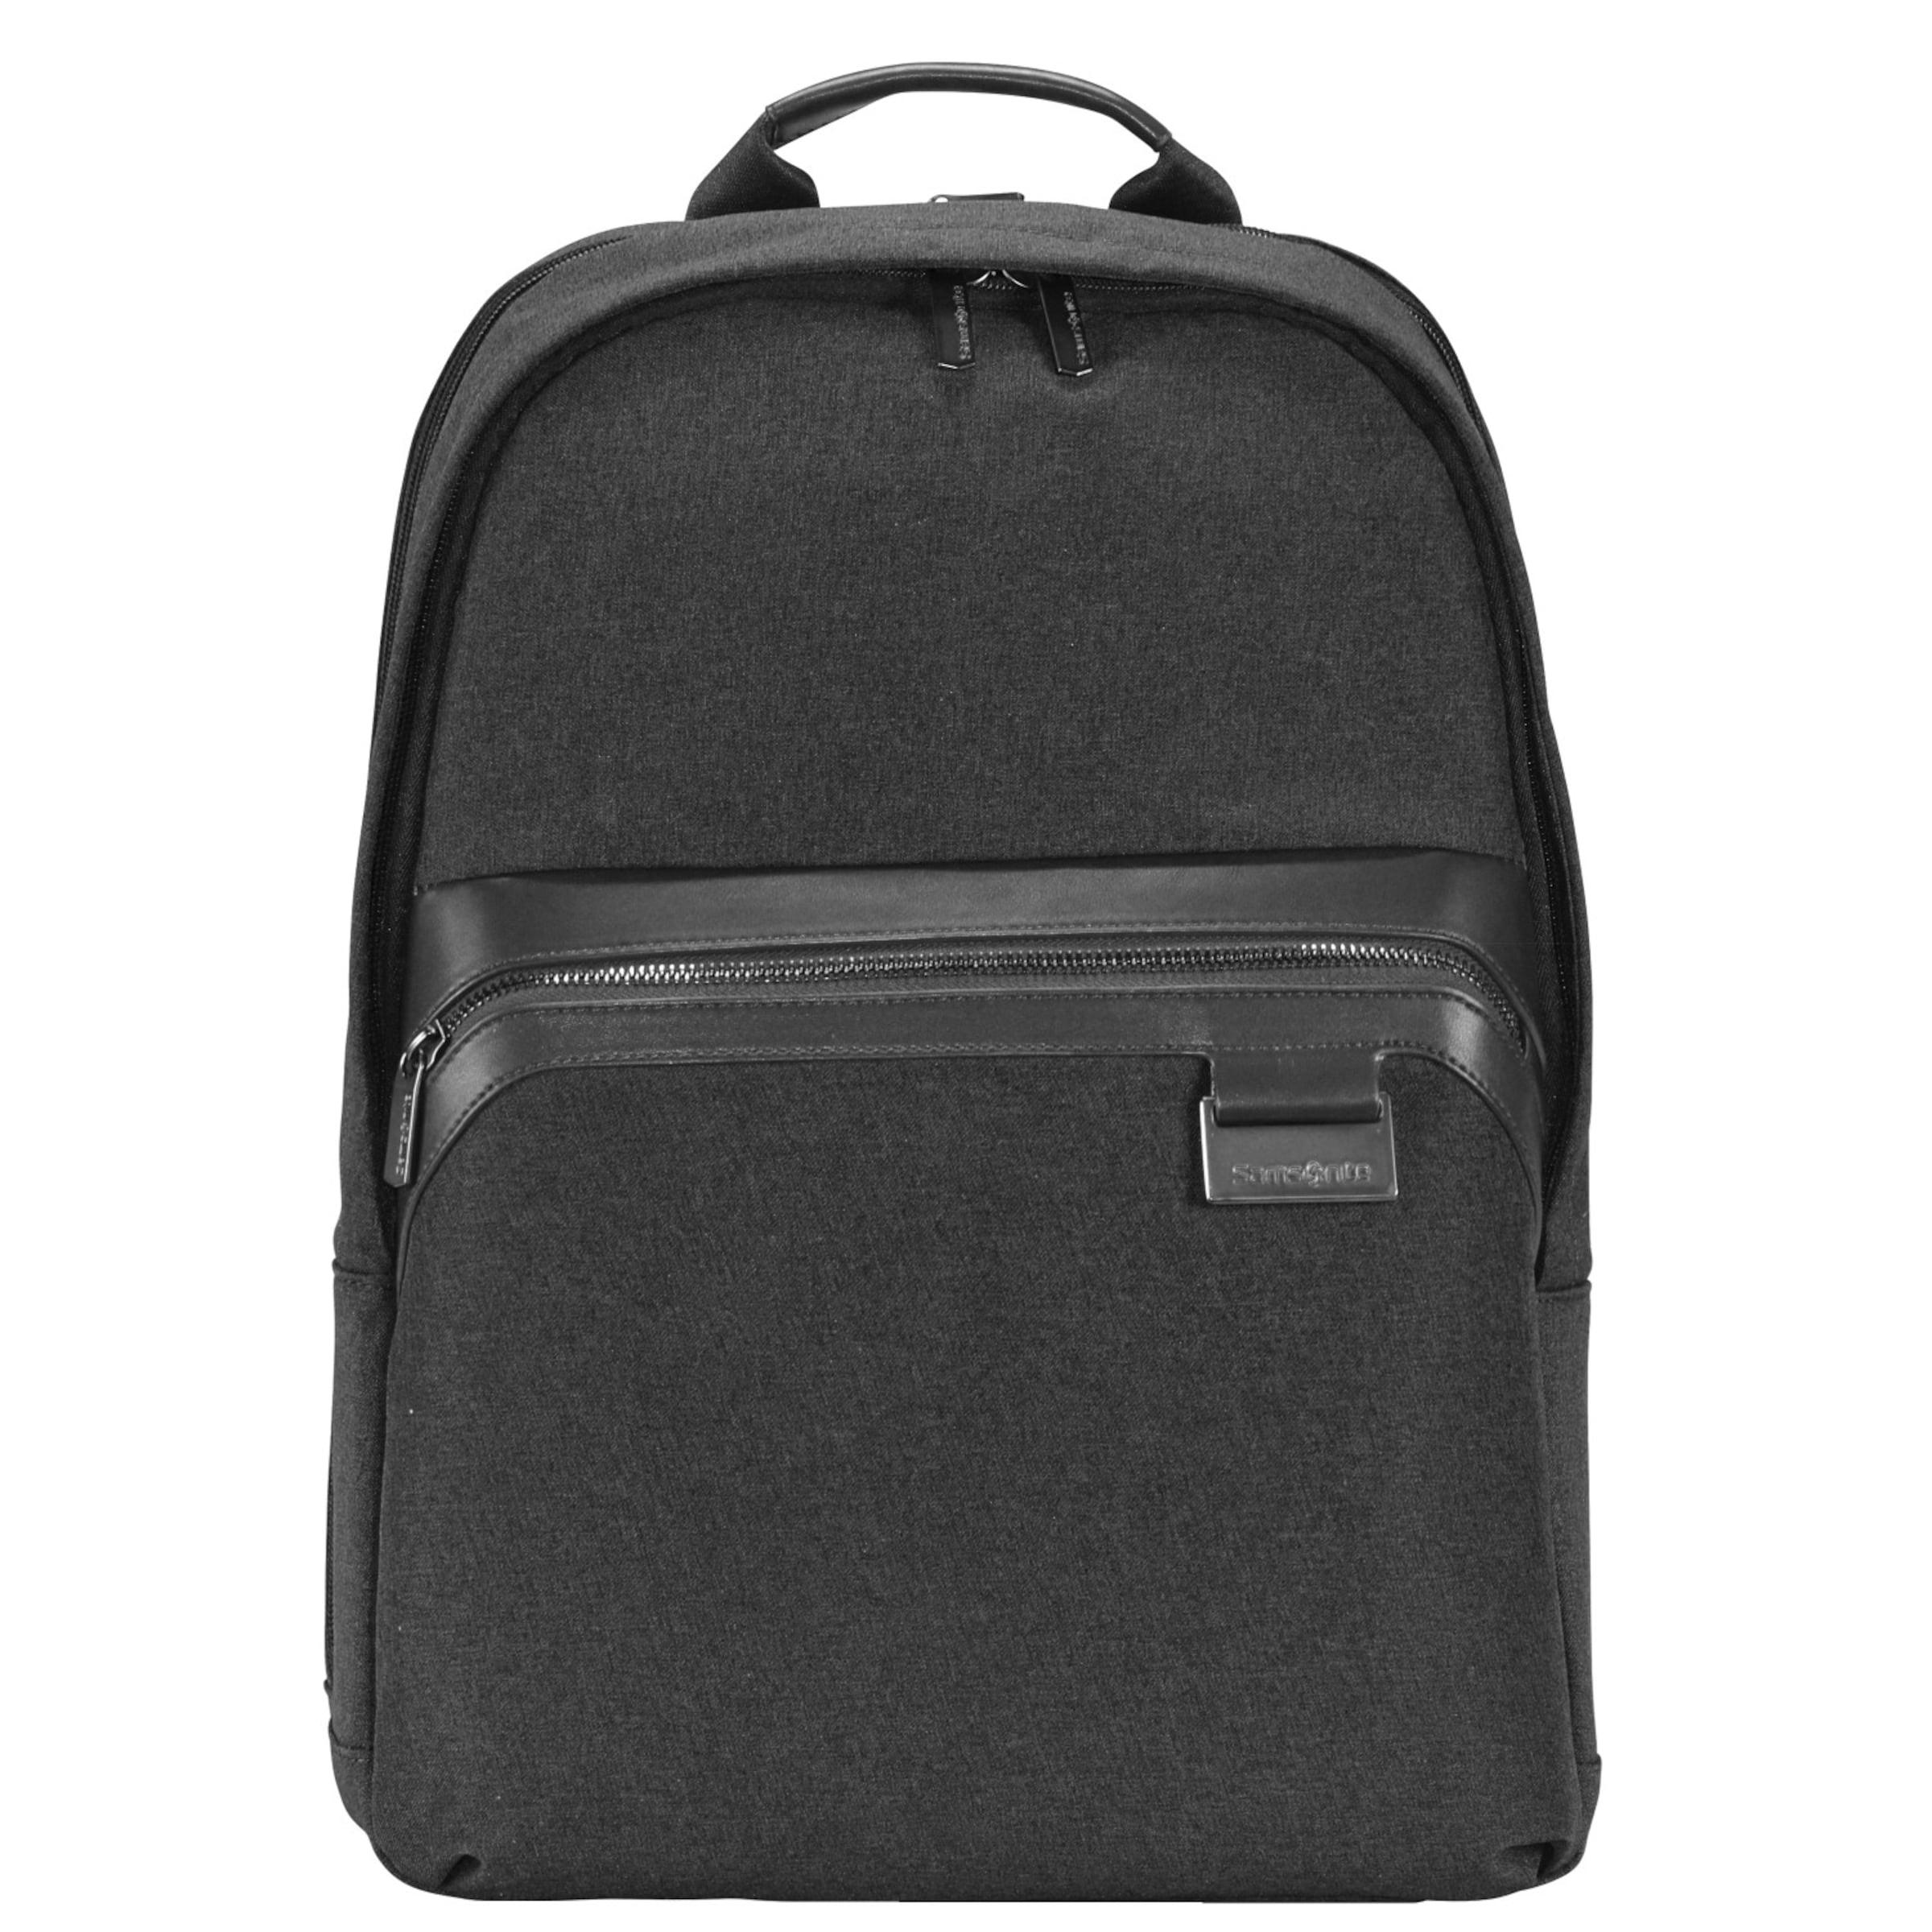 SAMSONITE Upstream Business Rucksack 44 cm Laptopfach Billig Verkaufen Billig Niedriger Preis Versandkosten Für Online Zuverlässig Shop Für Günstige Online Spielraum Kosten HYjWw